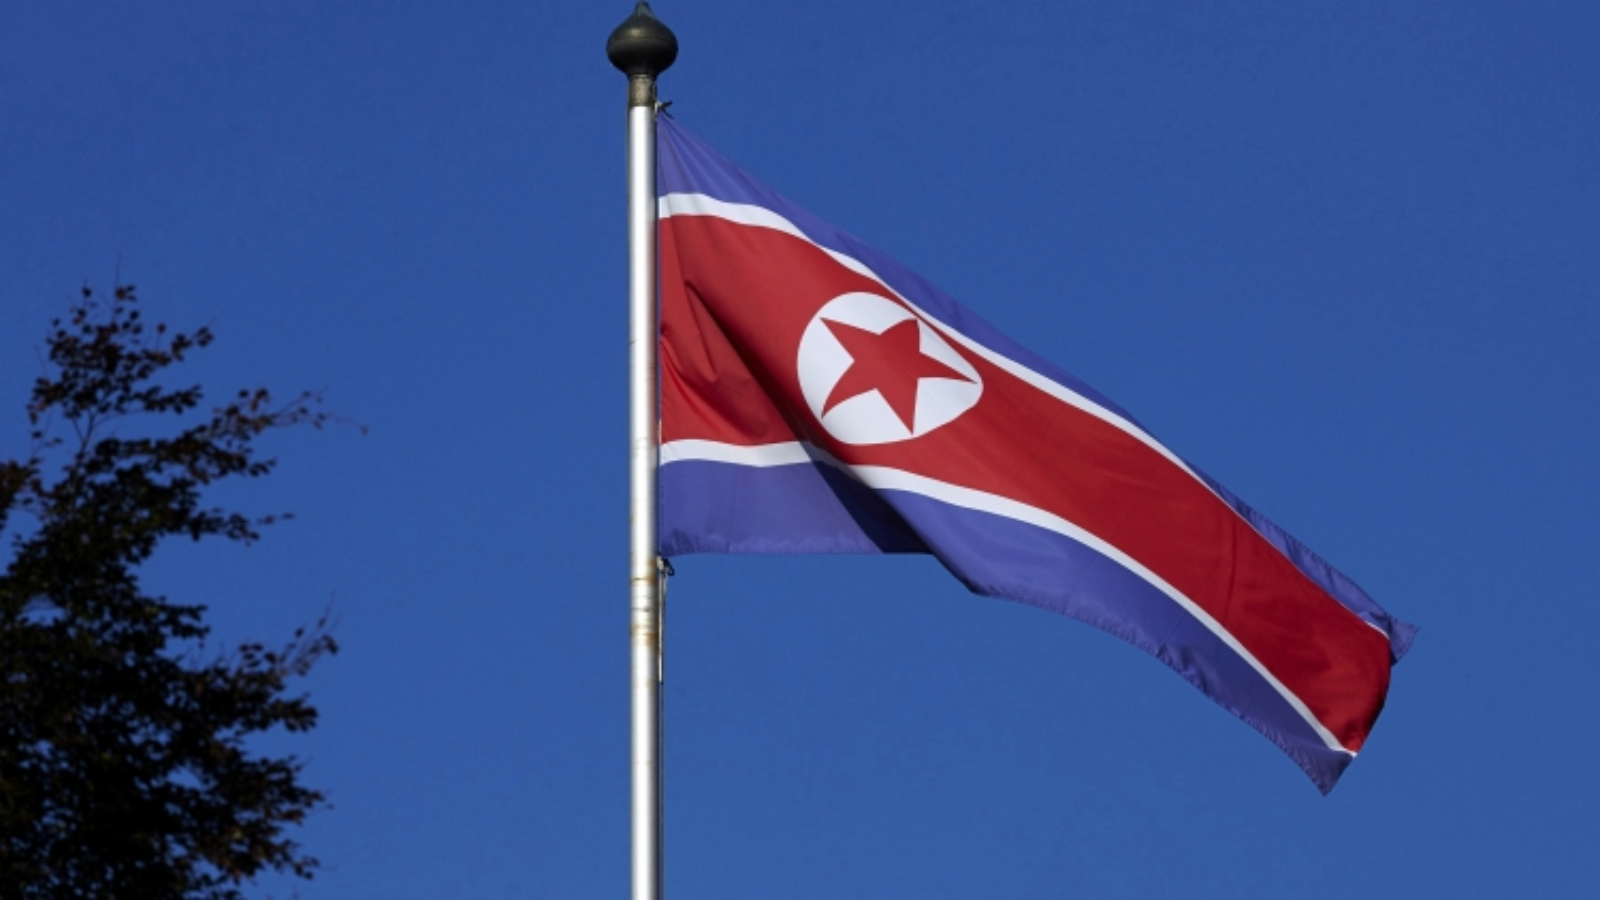 Hàn Quốc sẽ tăng cường khả năng phòng thủ tên lửa trước mối đe dọa từ Triều Tiên